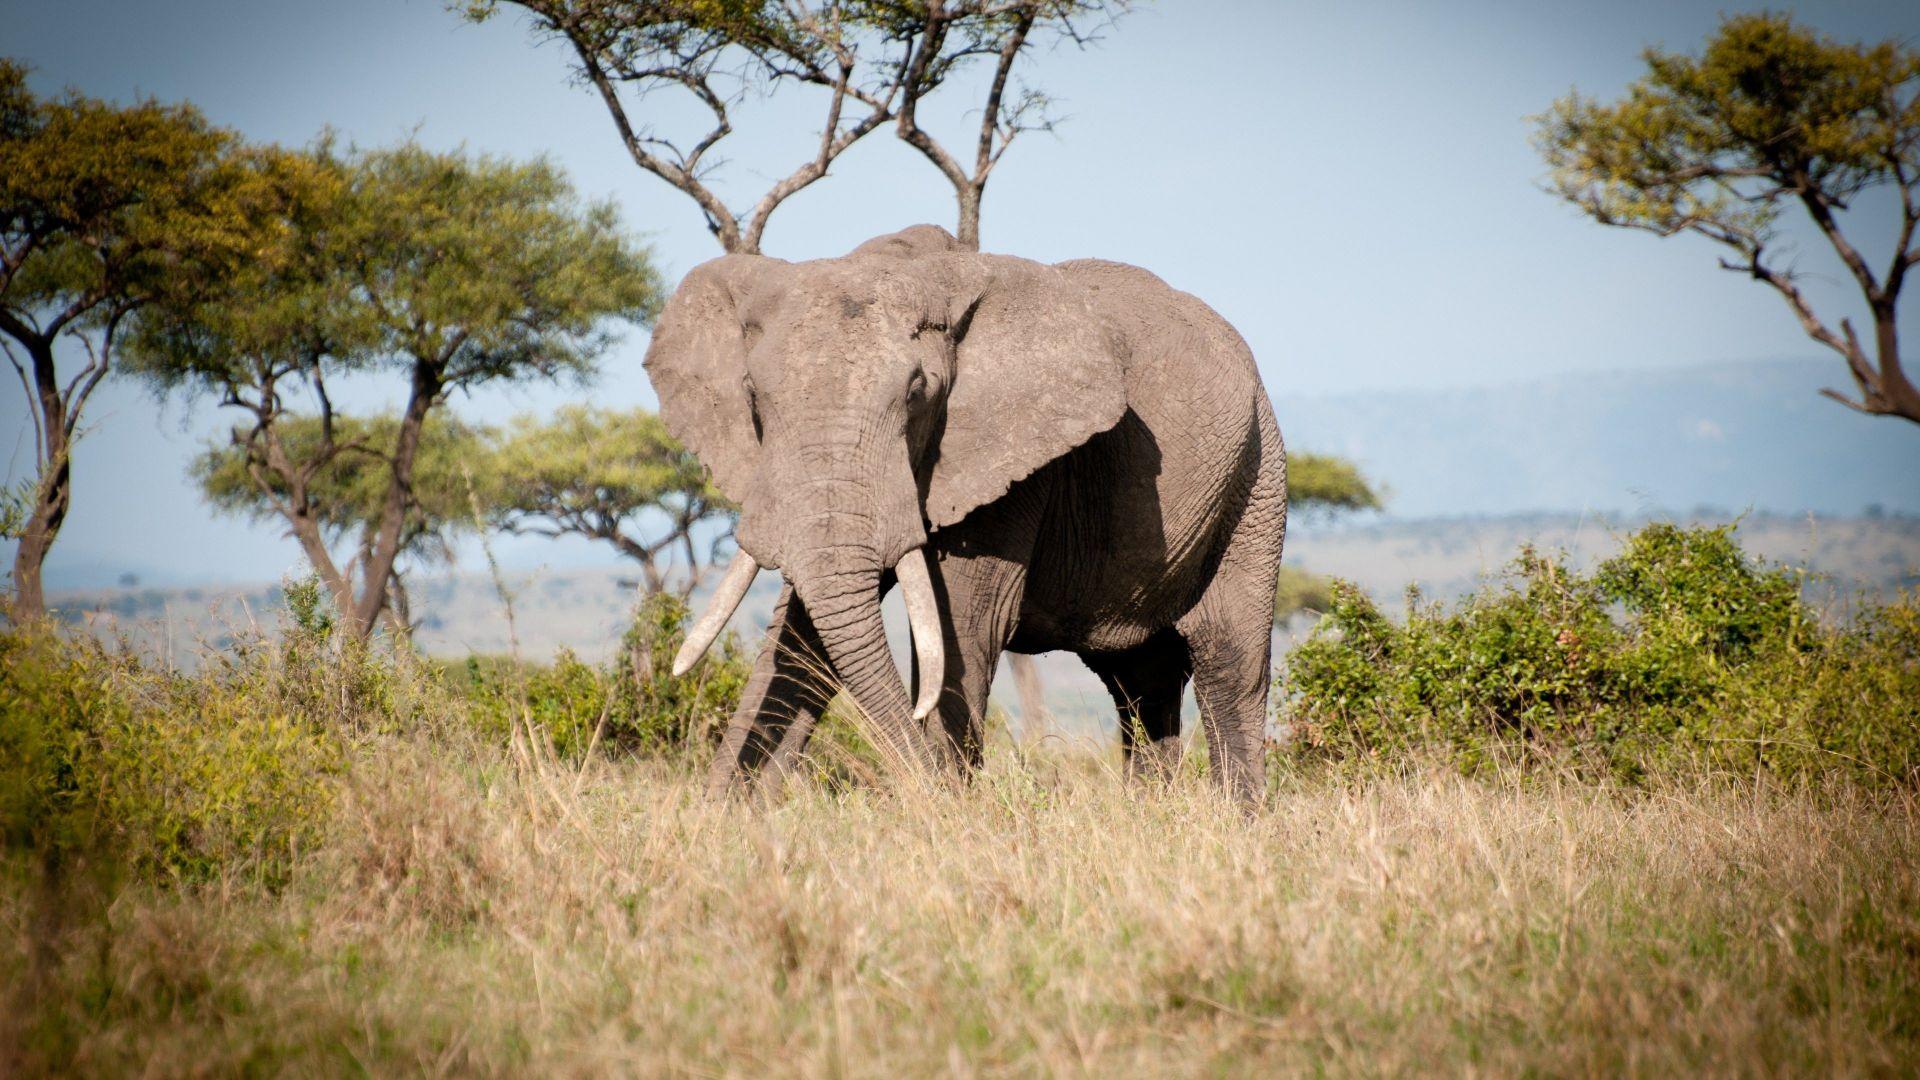 Wild Animal 4k Hd Desktop Wallpaper For 4k Ultra Hd Tv: Desktop Wallpaper Wild Animal, Elephant, Landscape, 4k, Hd